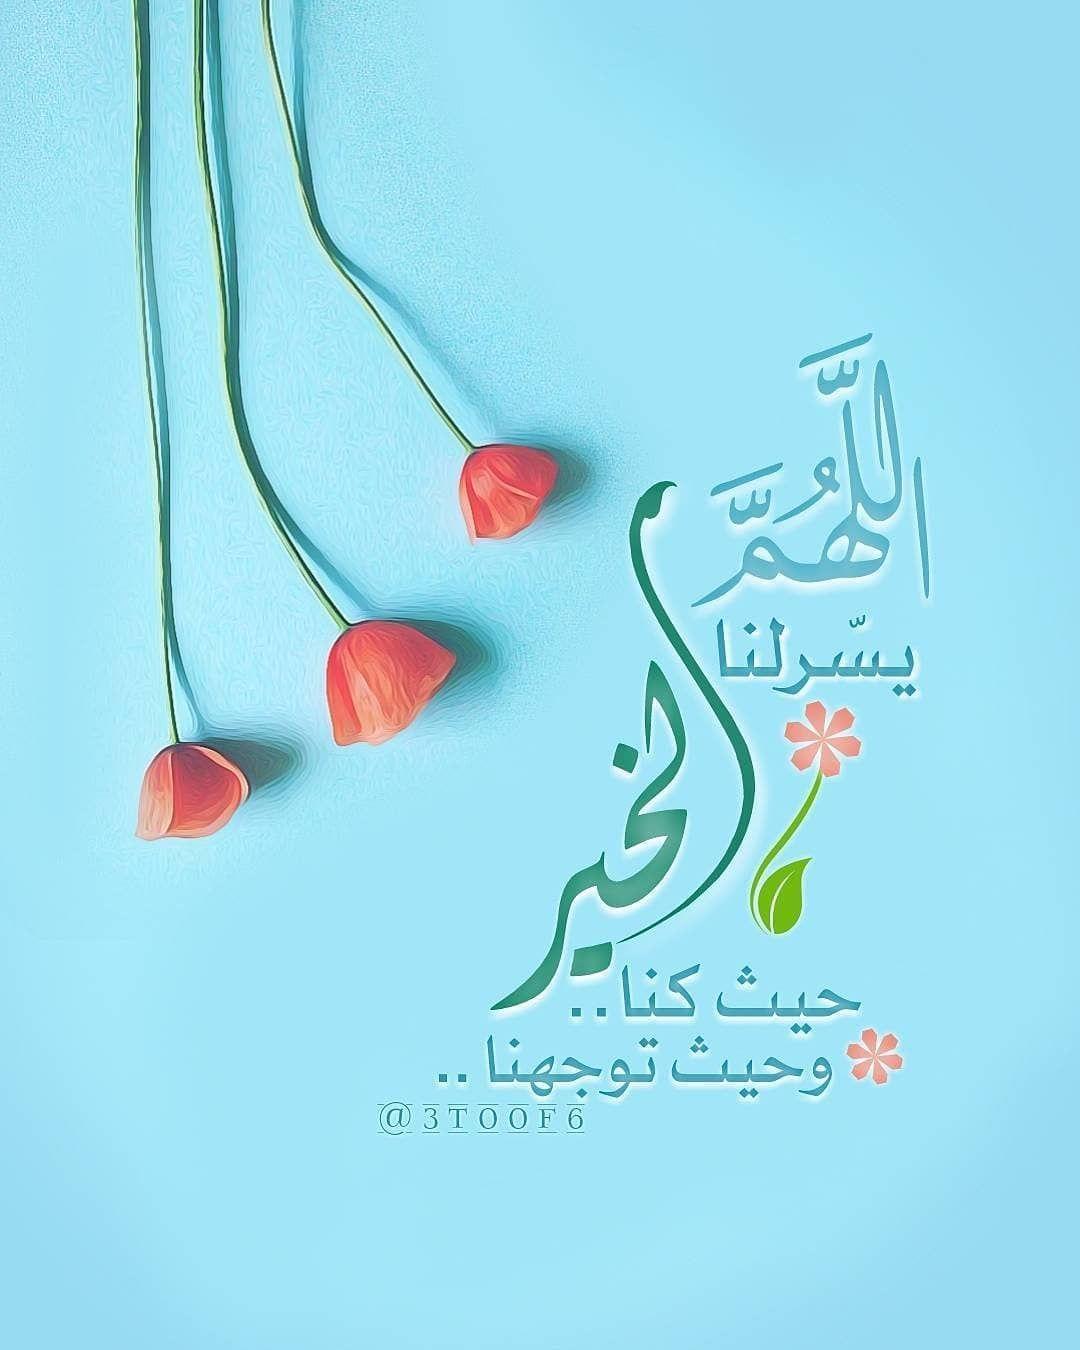 يارب اقدر لنا الخير حيث كان ثم ارضنا به اللهم يسر لنا كل أمر عسير فإن تيسير العسير عليك يسير يا الله Islam Quran Islam Quran